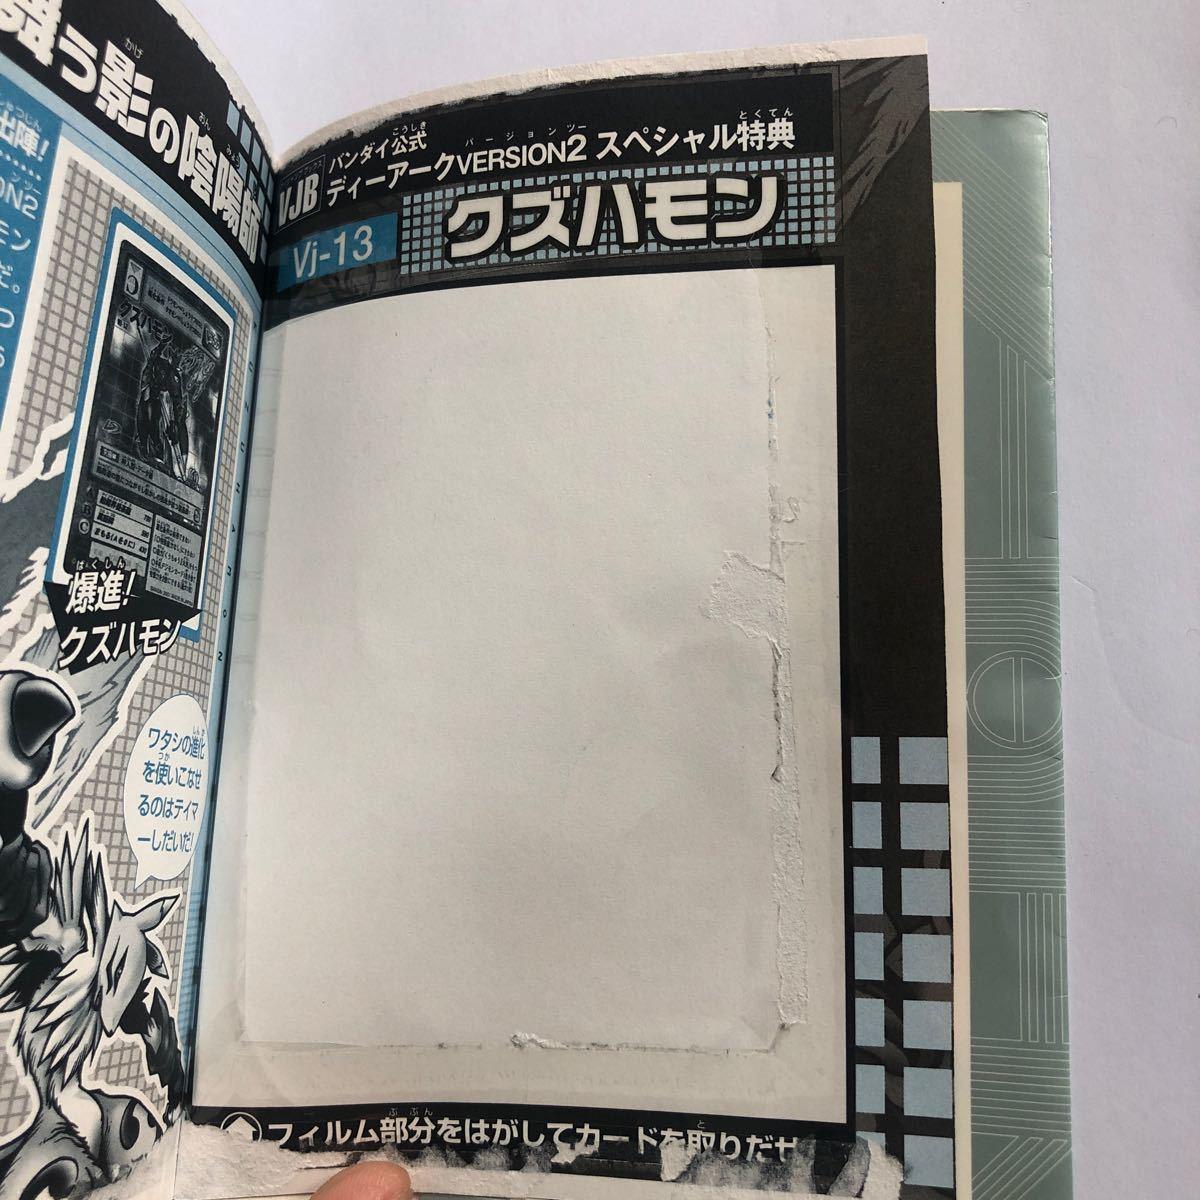 ゲーム攻略本 ディーアークVer2